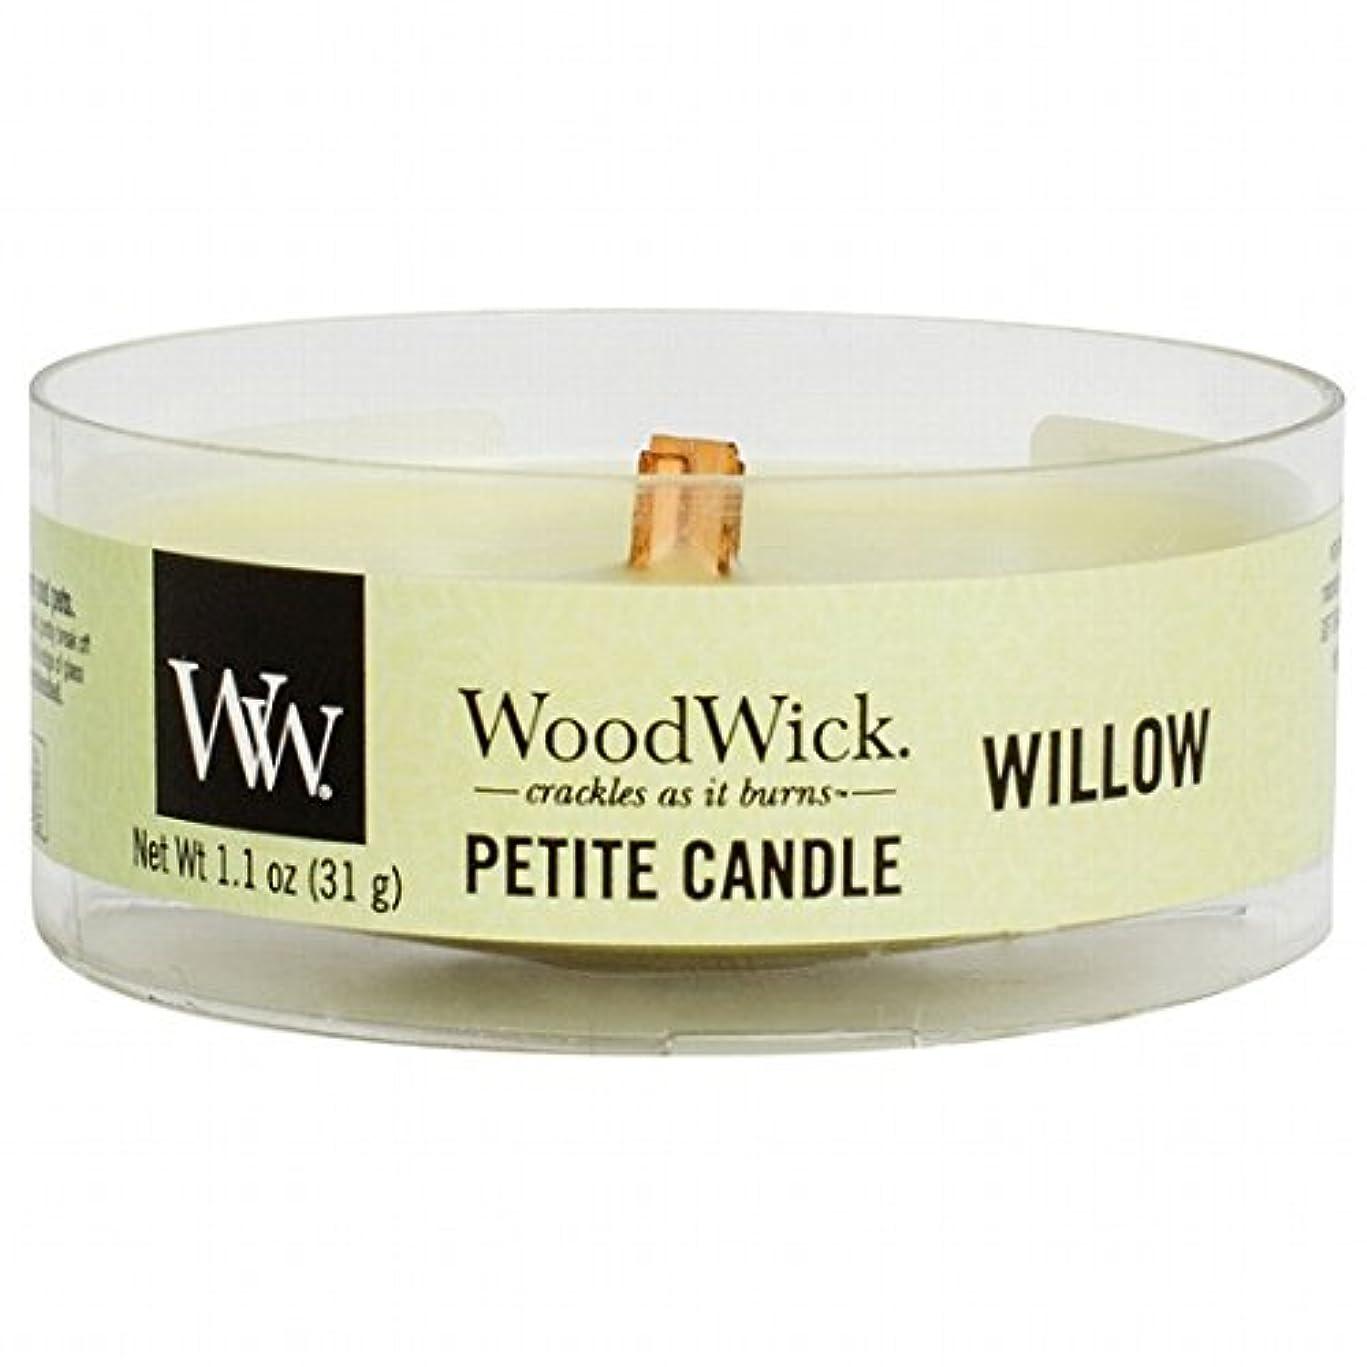 標準主婦値するWoodWick(ウッドウィック) プチキャンドル 「 ウィロー 」(WW9030525)